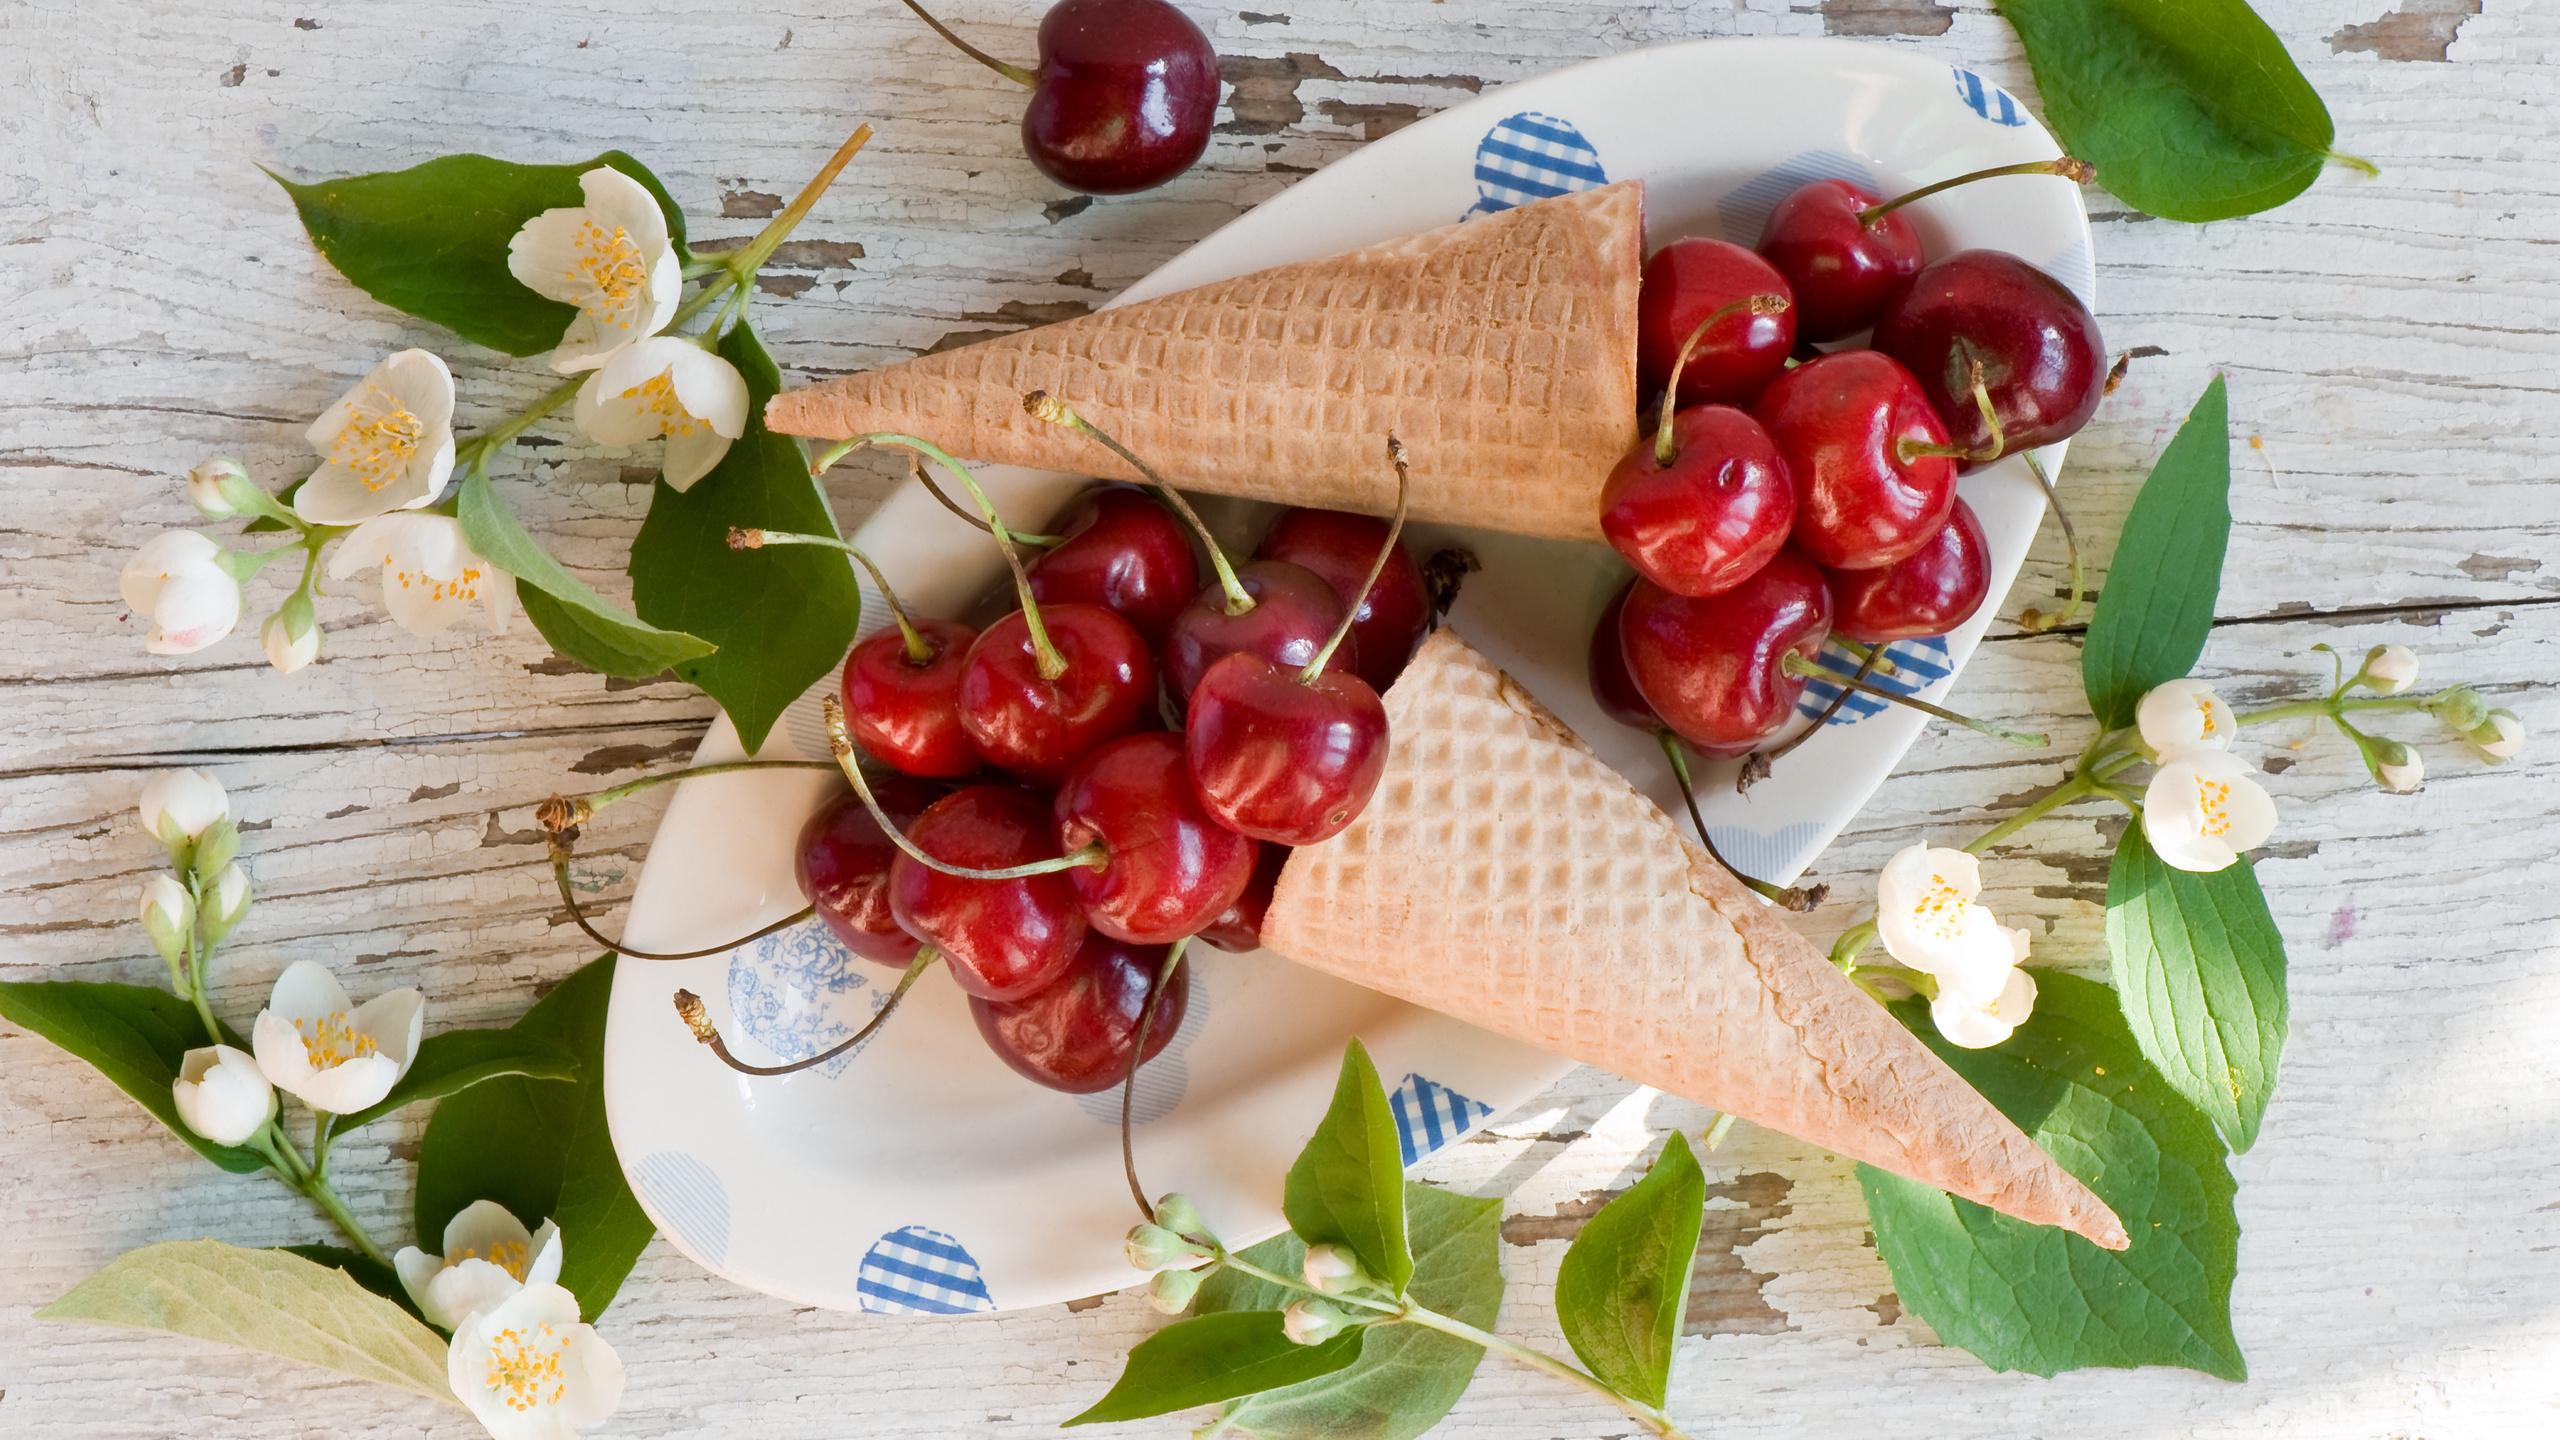 Еда, фрукт, фрукты, грейпфрукт обои скачать